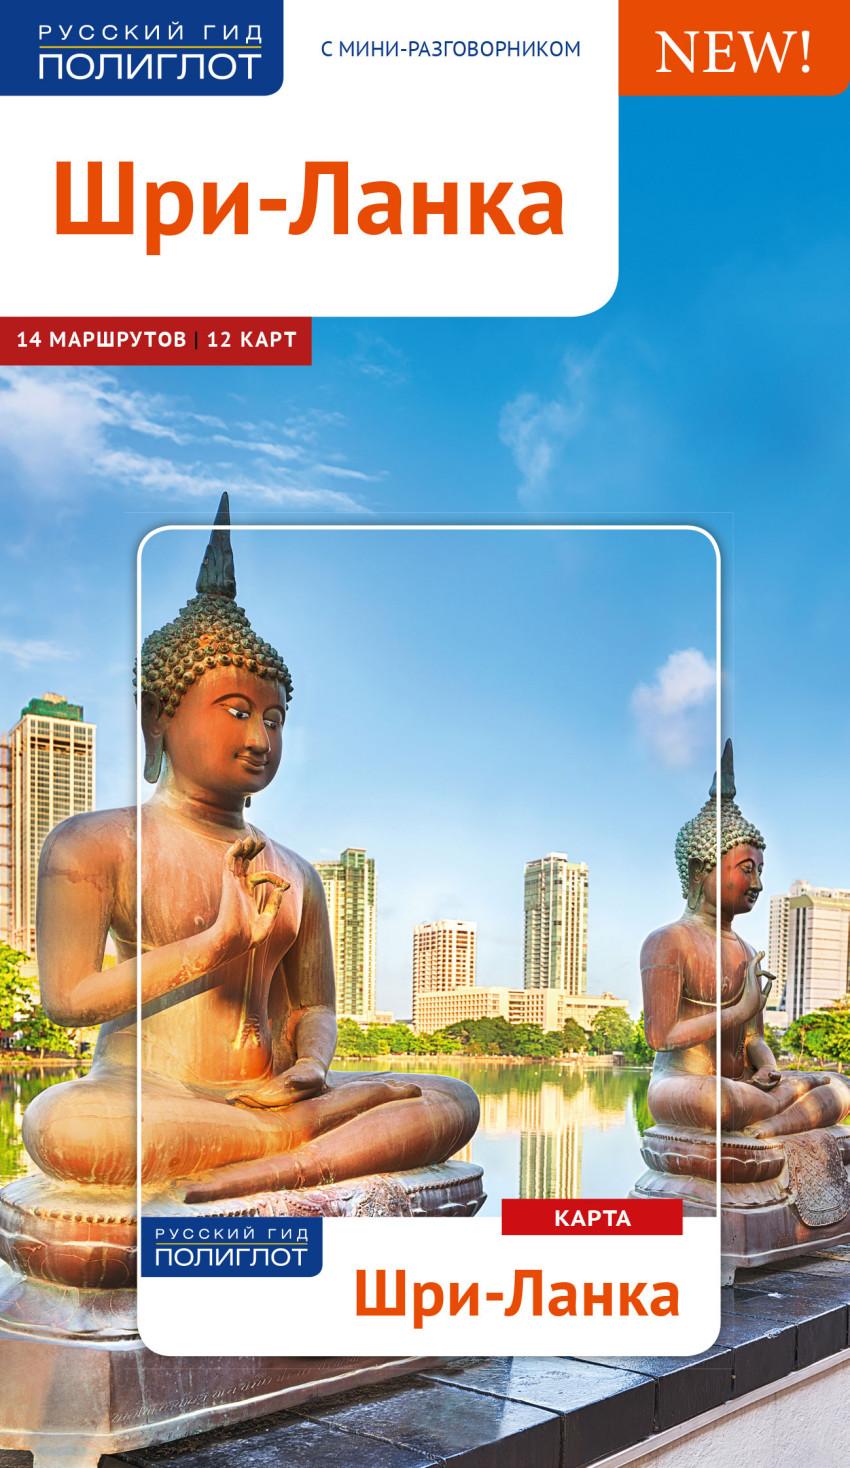 Шри-Ланка: Путеводитель с мини-разговорником: 14 маршрутов, 12 карт